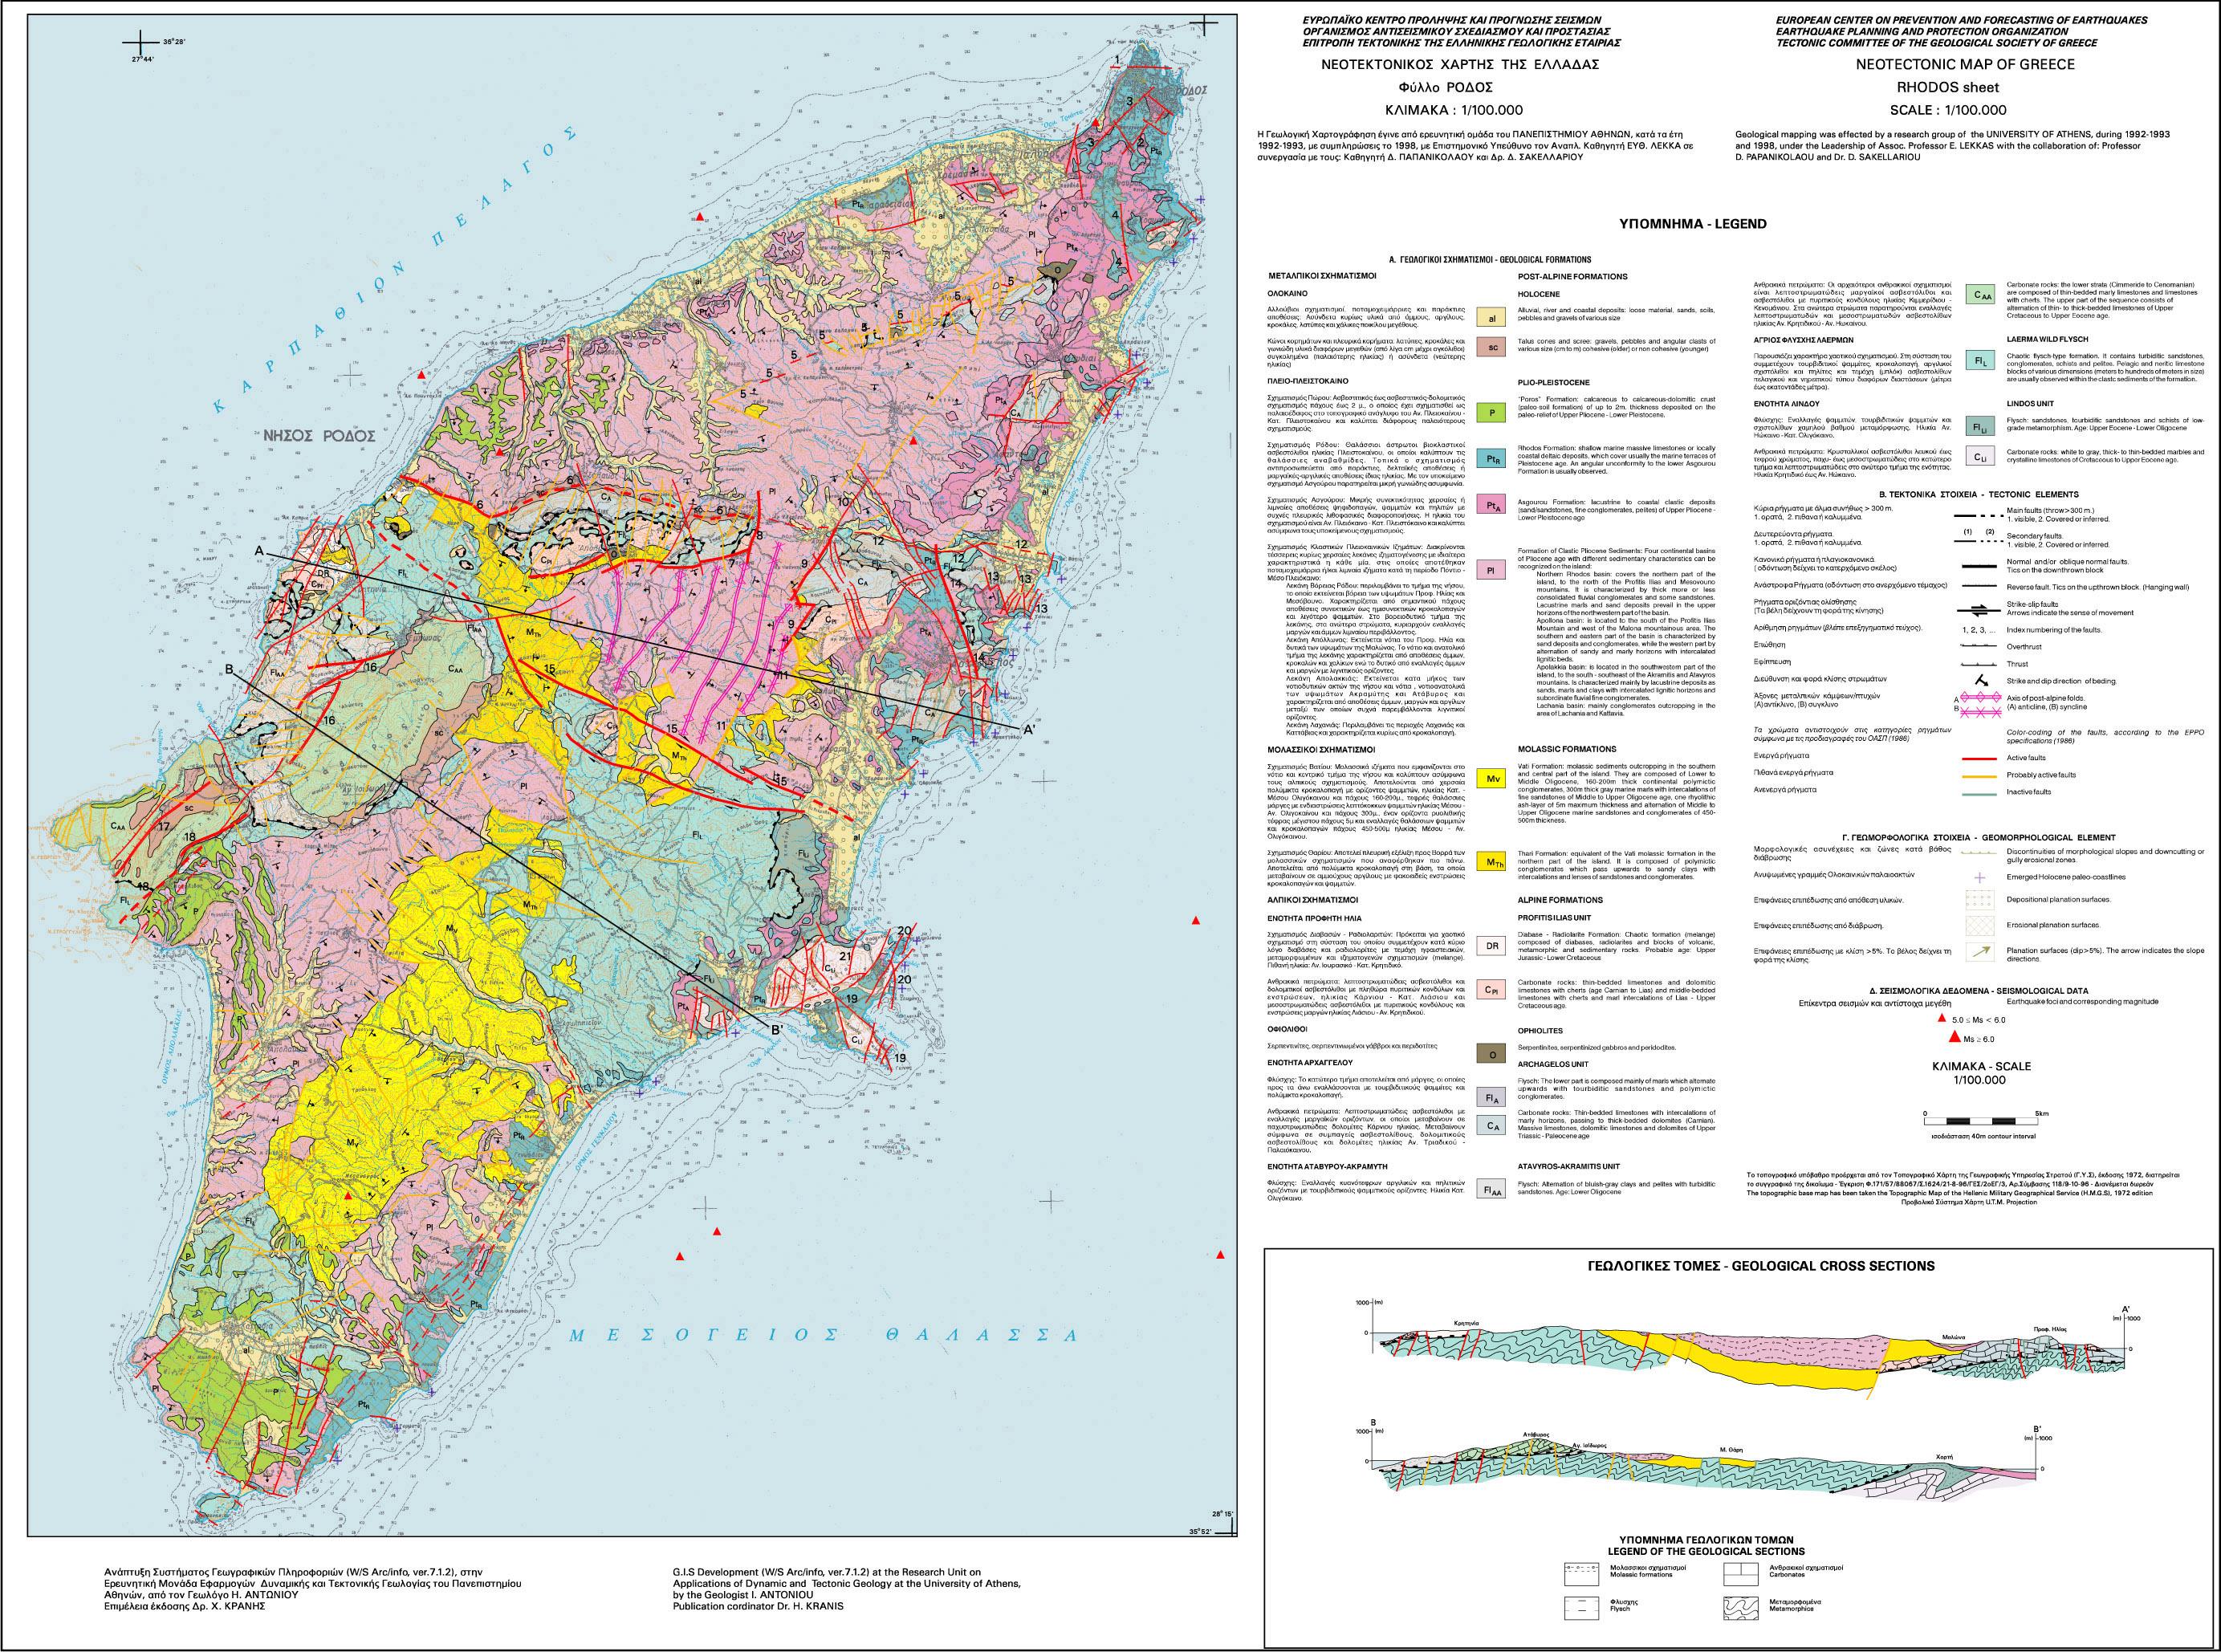 Rhodos Karte Flughafen.Mineralienatlas Lexikon Griechenland Südliche ägäis νότιο αιγαίο